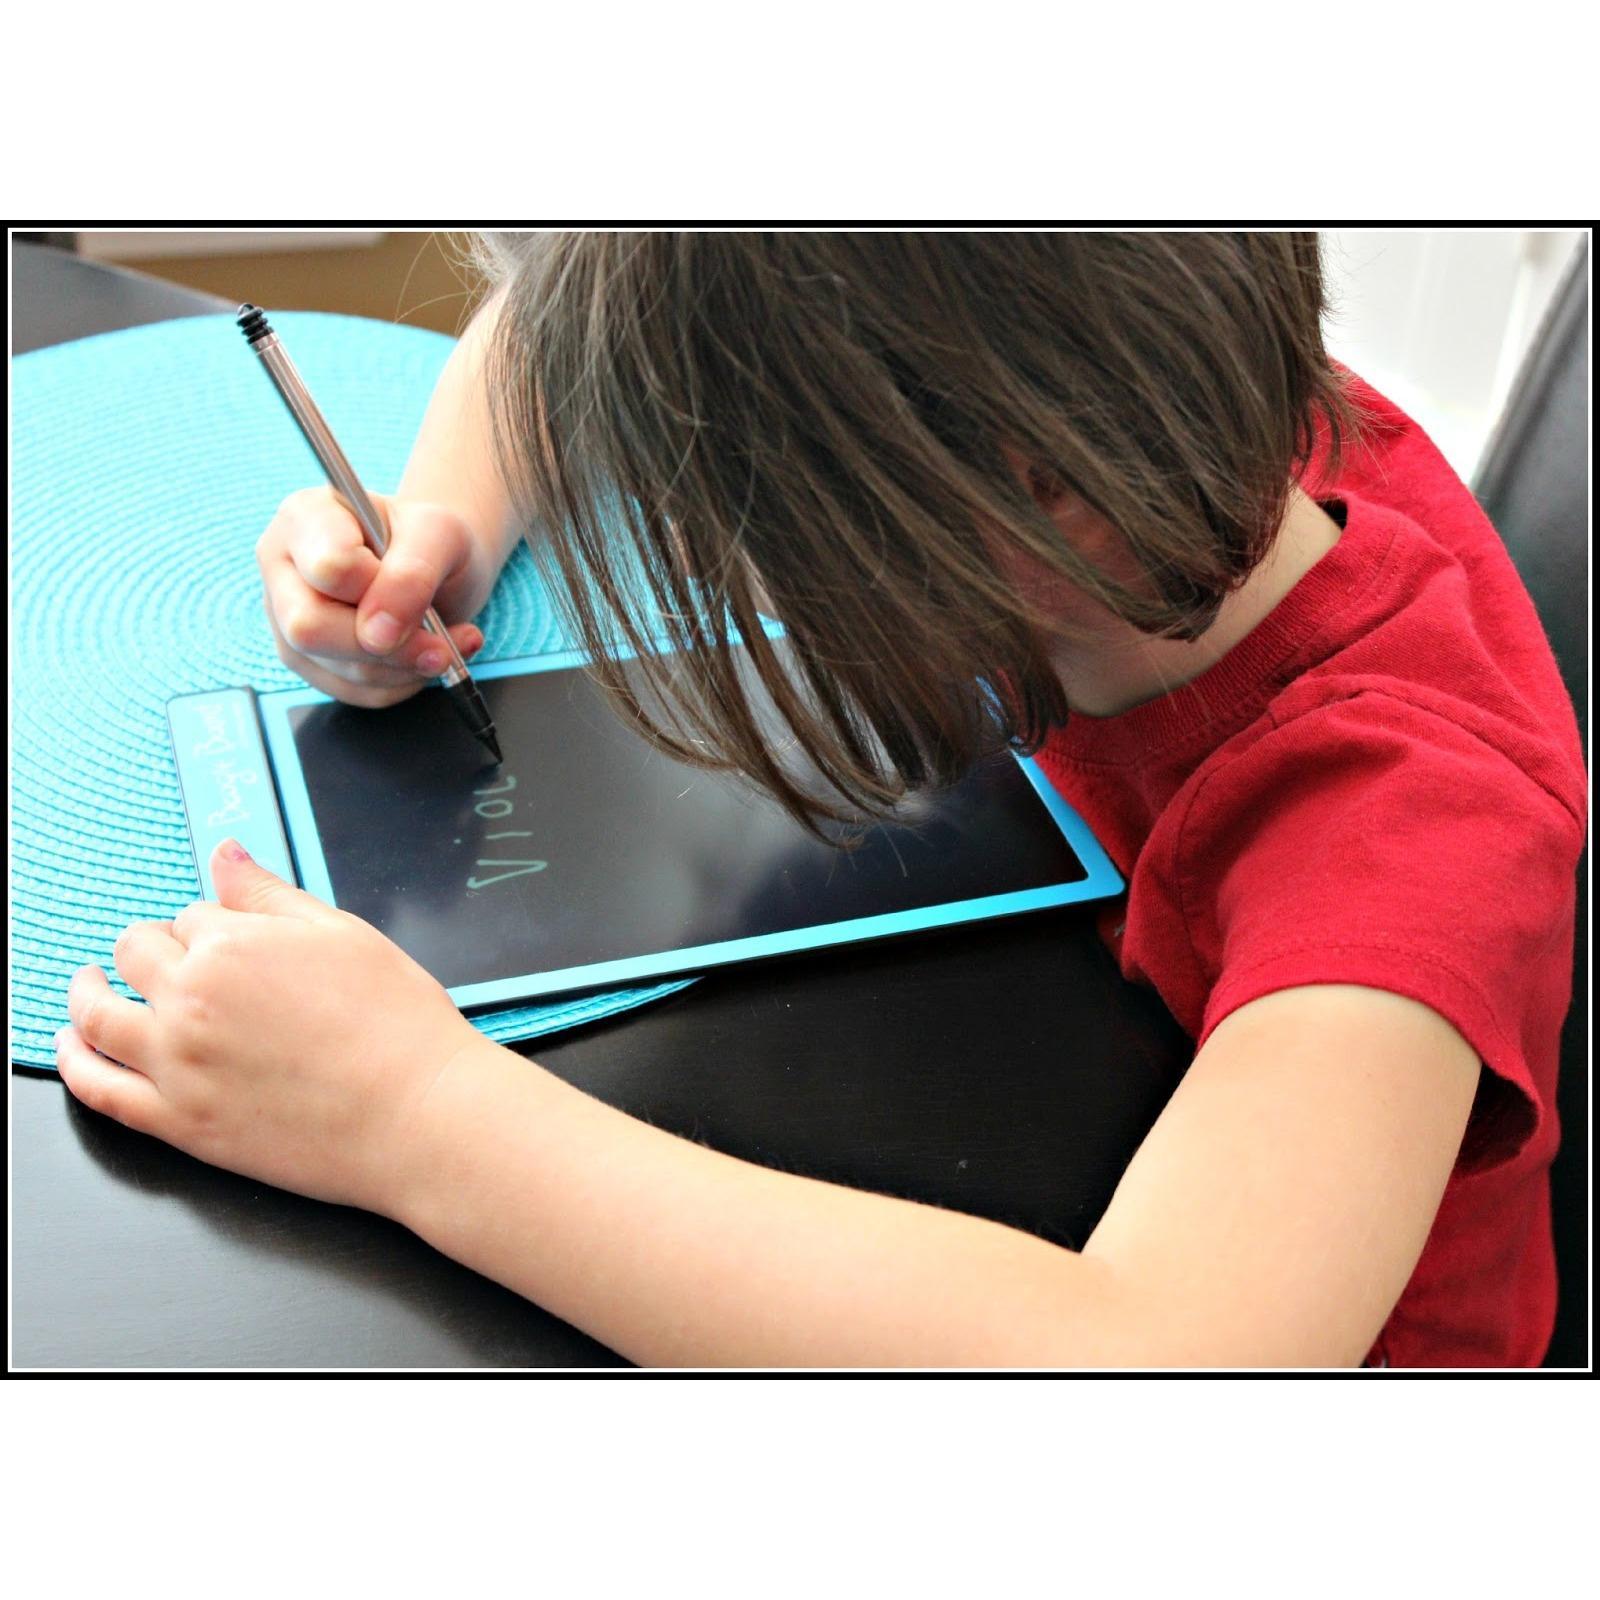 Giảm giá Bảng viết vẽ điện tử không bụi 8.5 inch